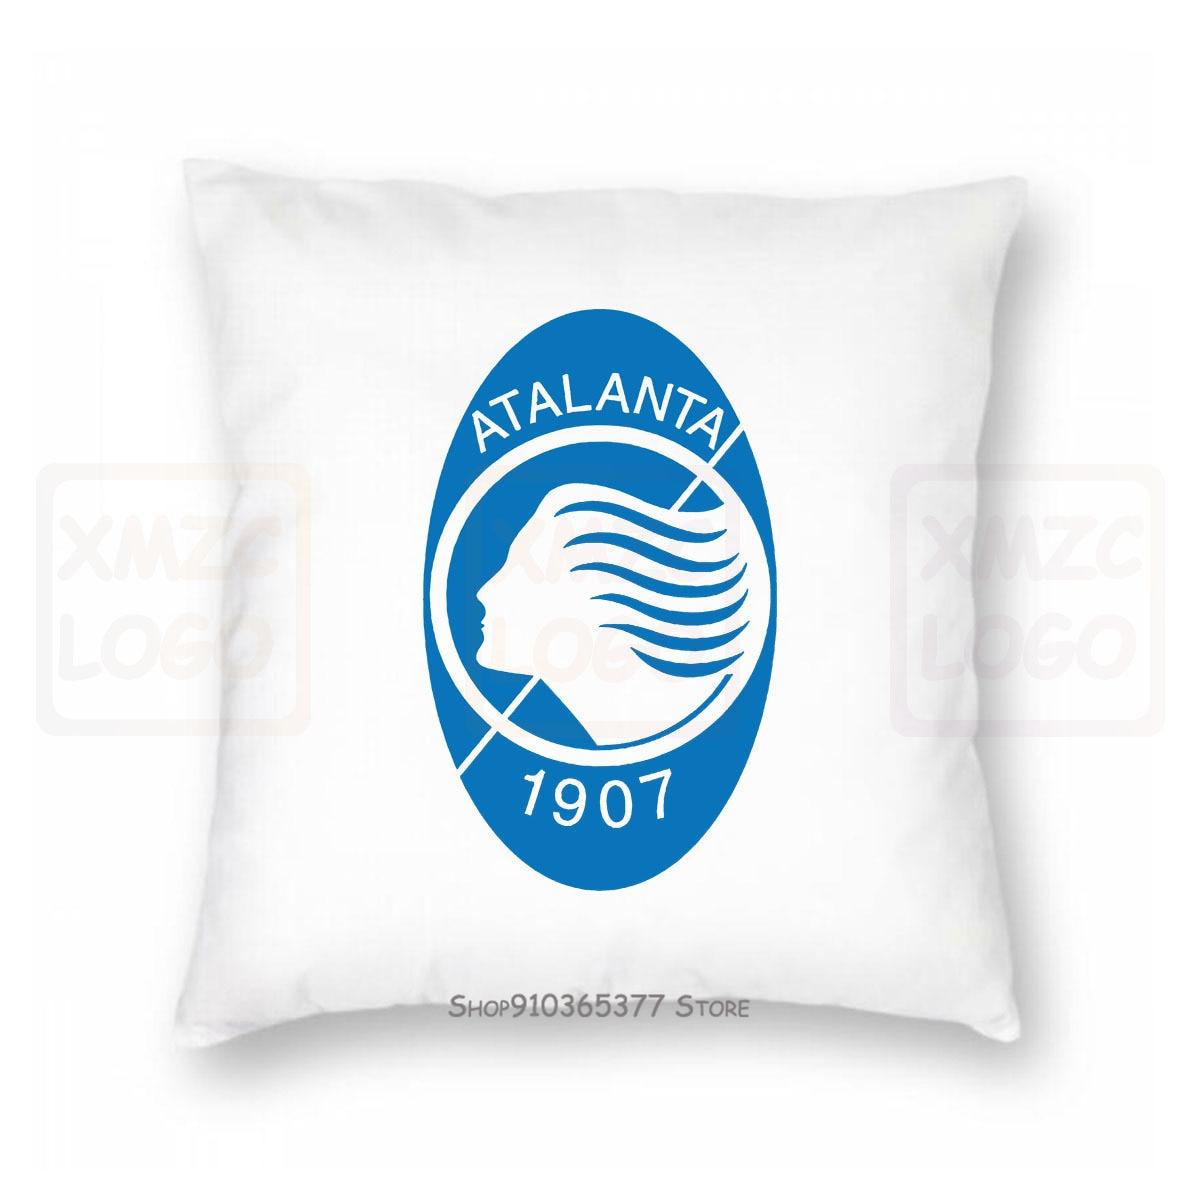 Fm10 T Uomo Atalanta Bergamasca Calcio Dea Nerazzurri Sport Pillow case Women Men